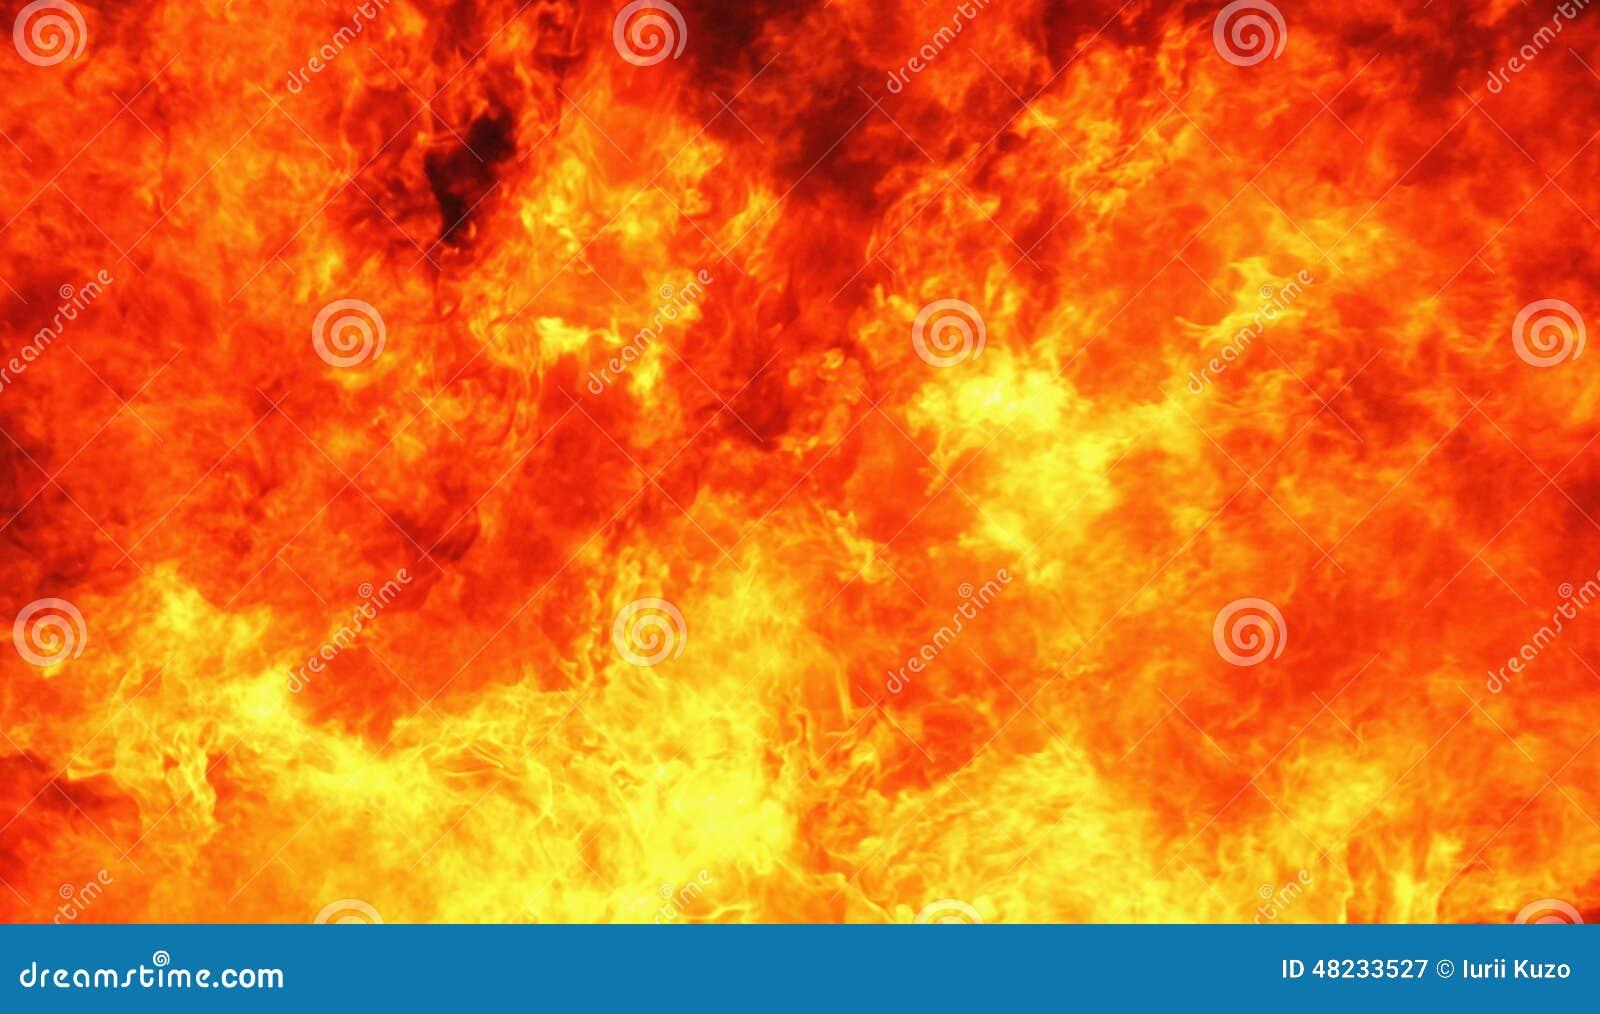 背景 壁纸 火灾 皮肤 星空 宇宙 桌面 1300_841